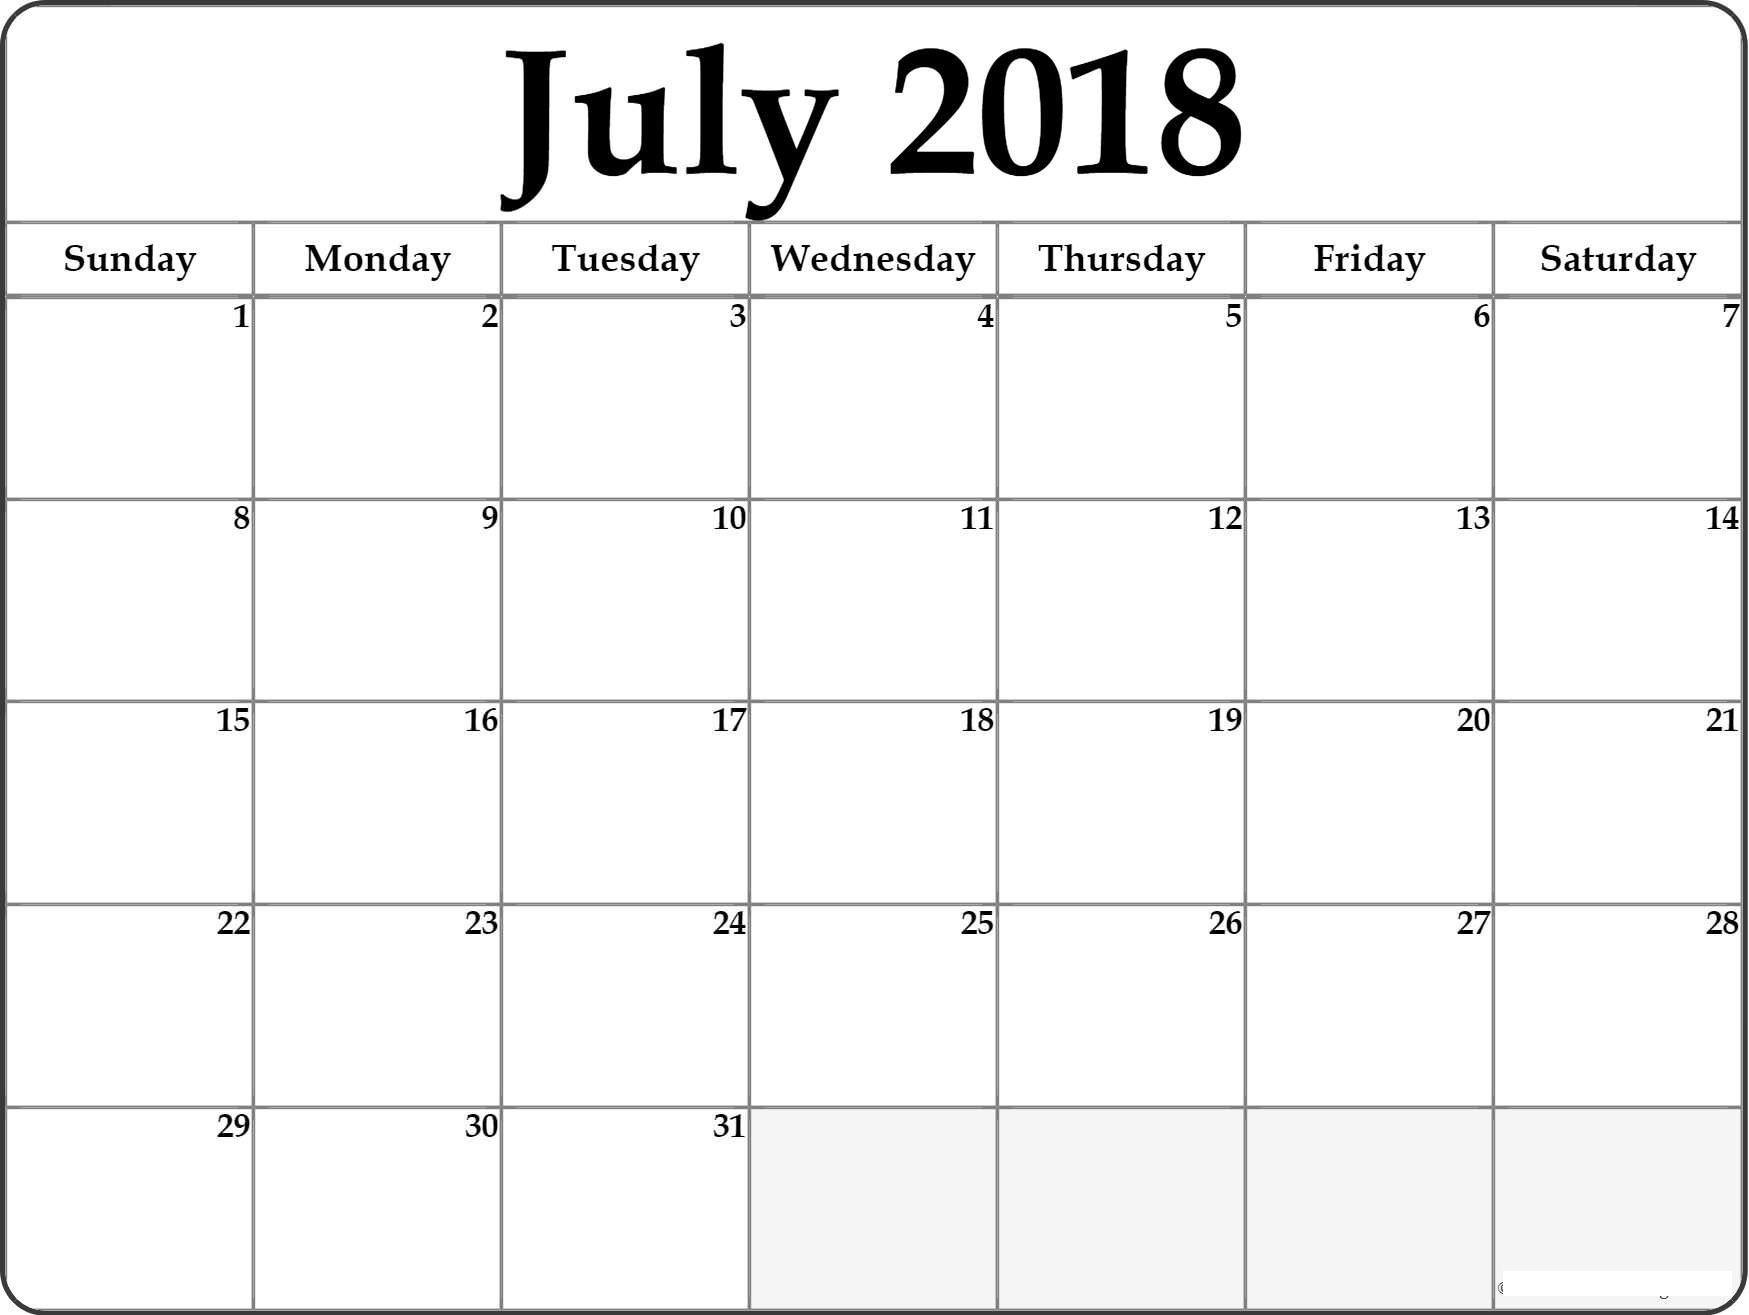 calendario para imprimir en word mas recientes may 2018 calendar of calendario para imprimir en word